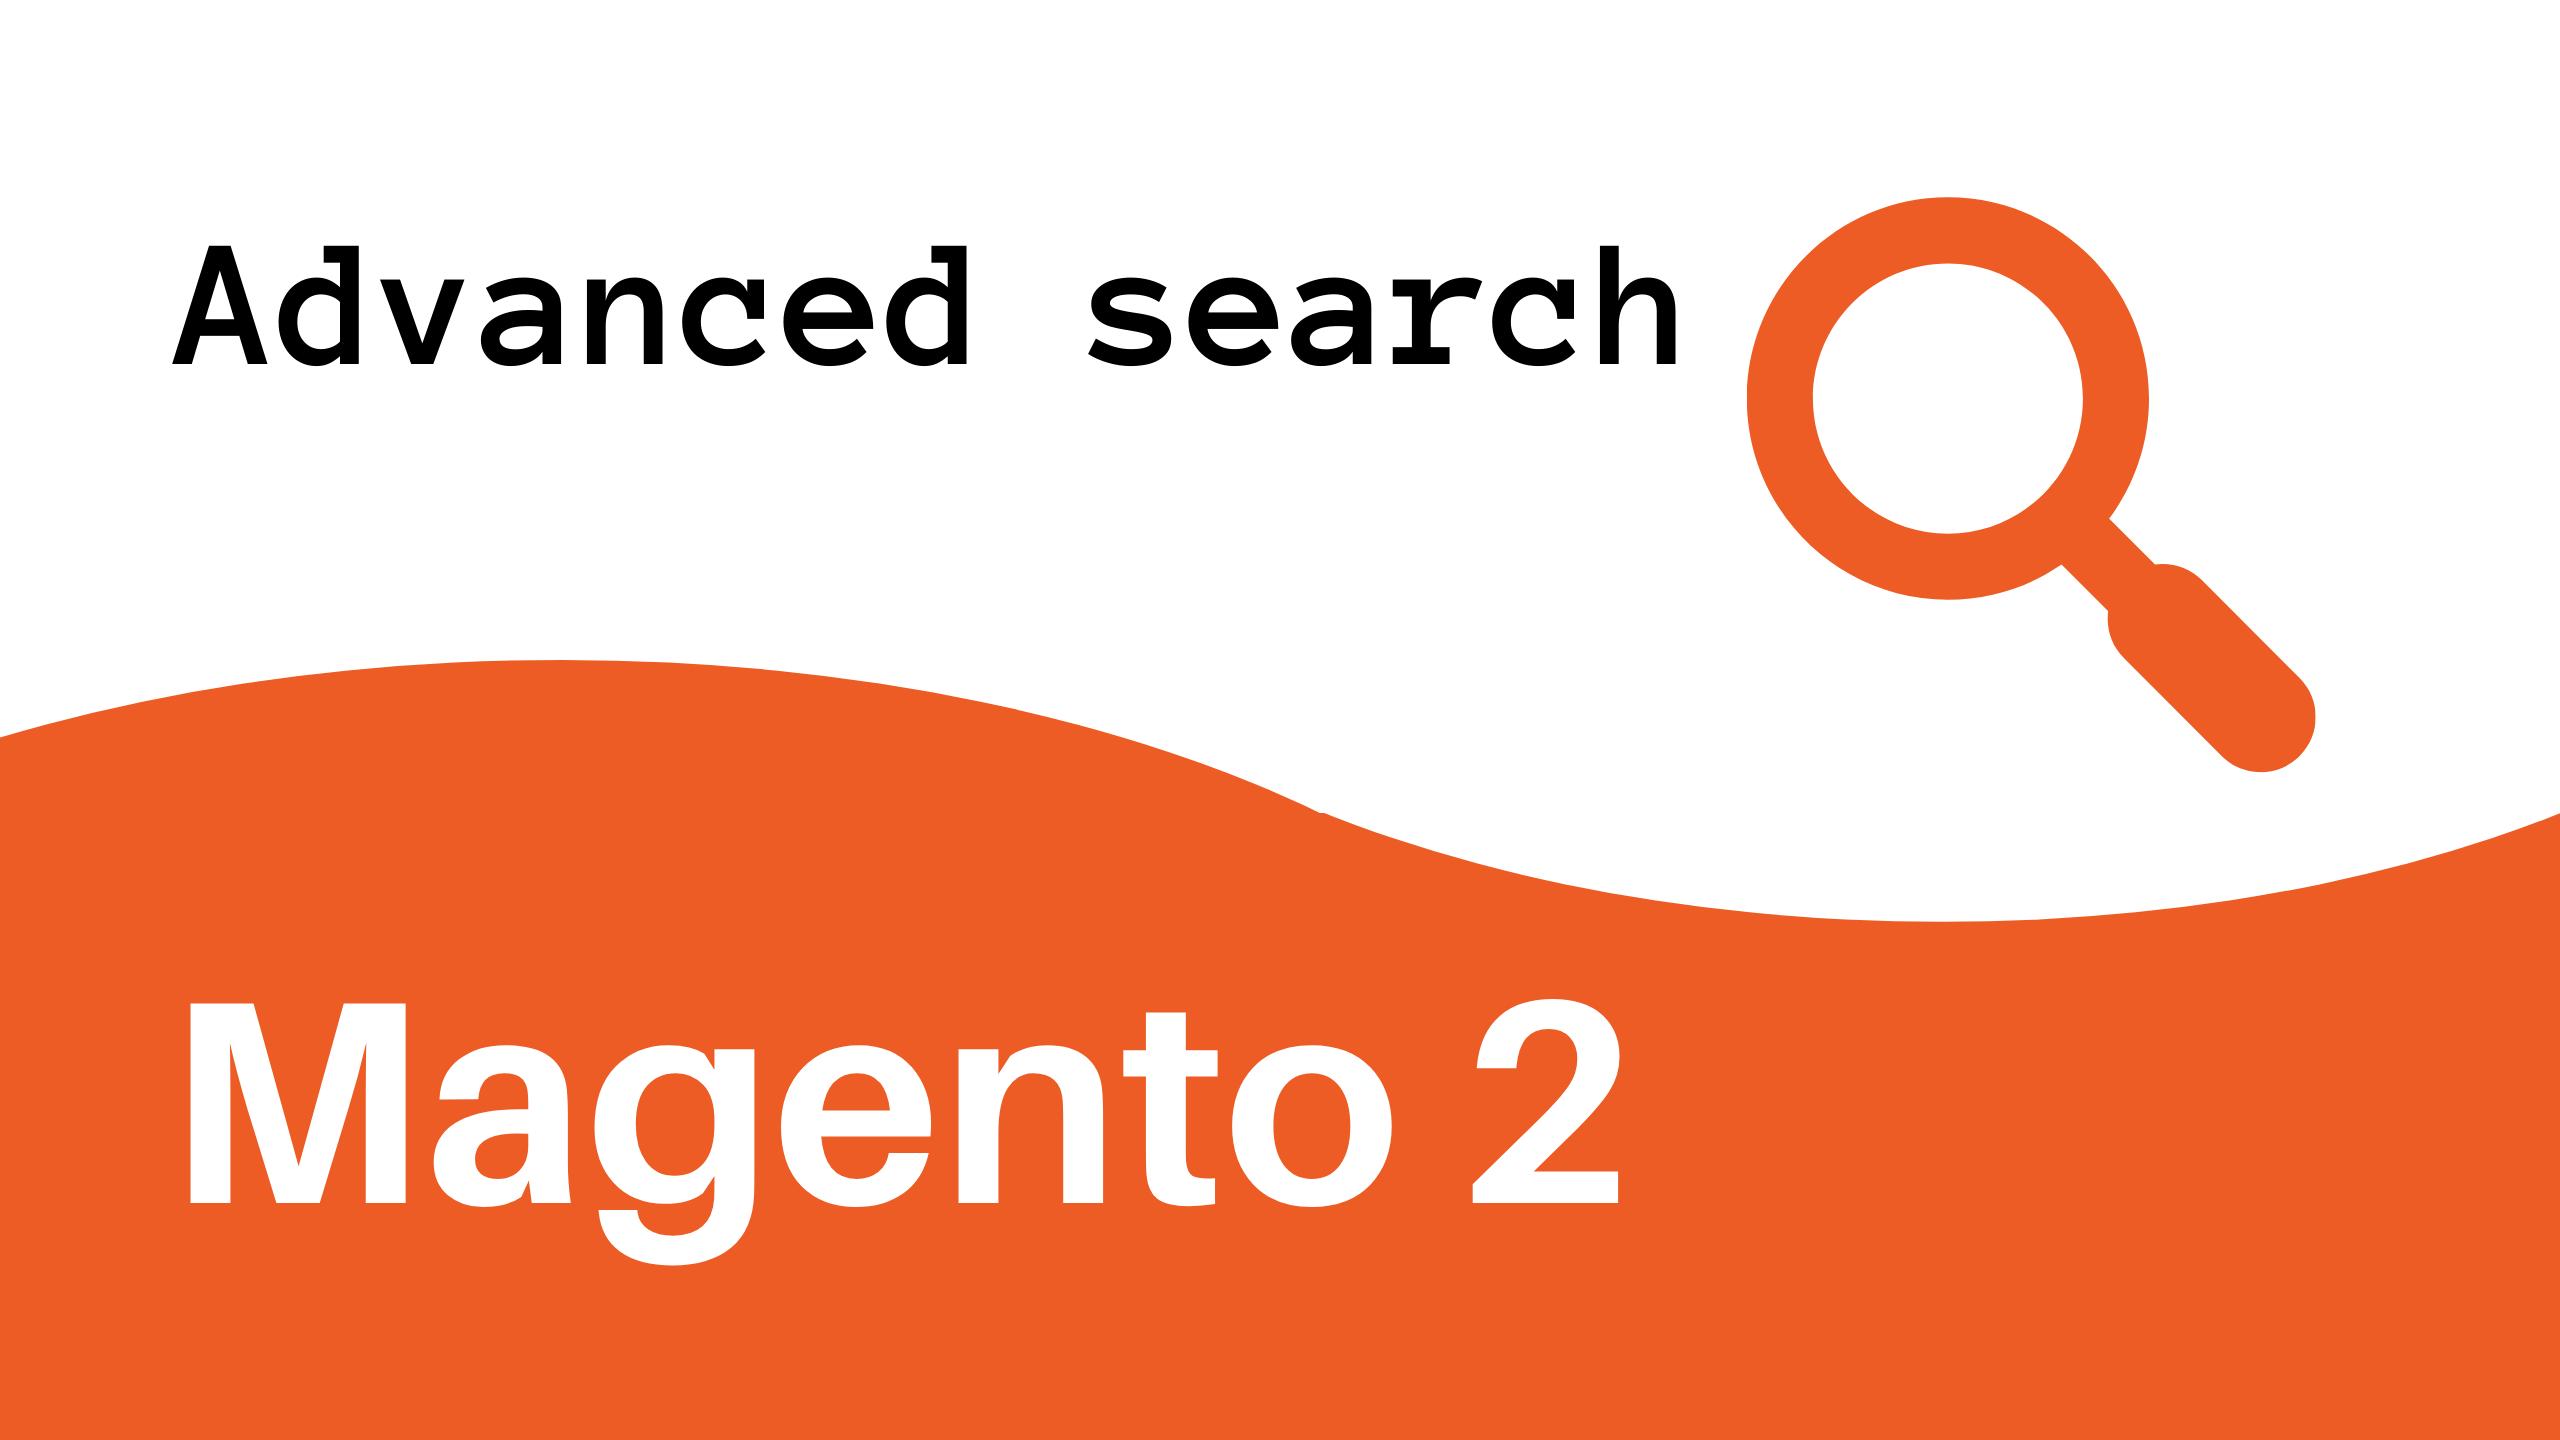 Advanced Search Magento 2